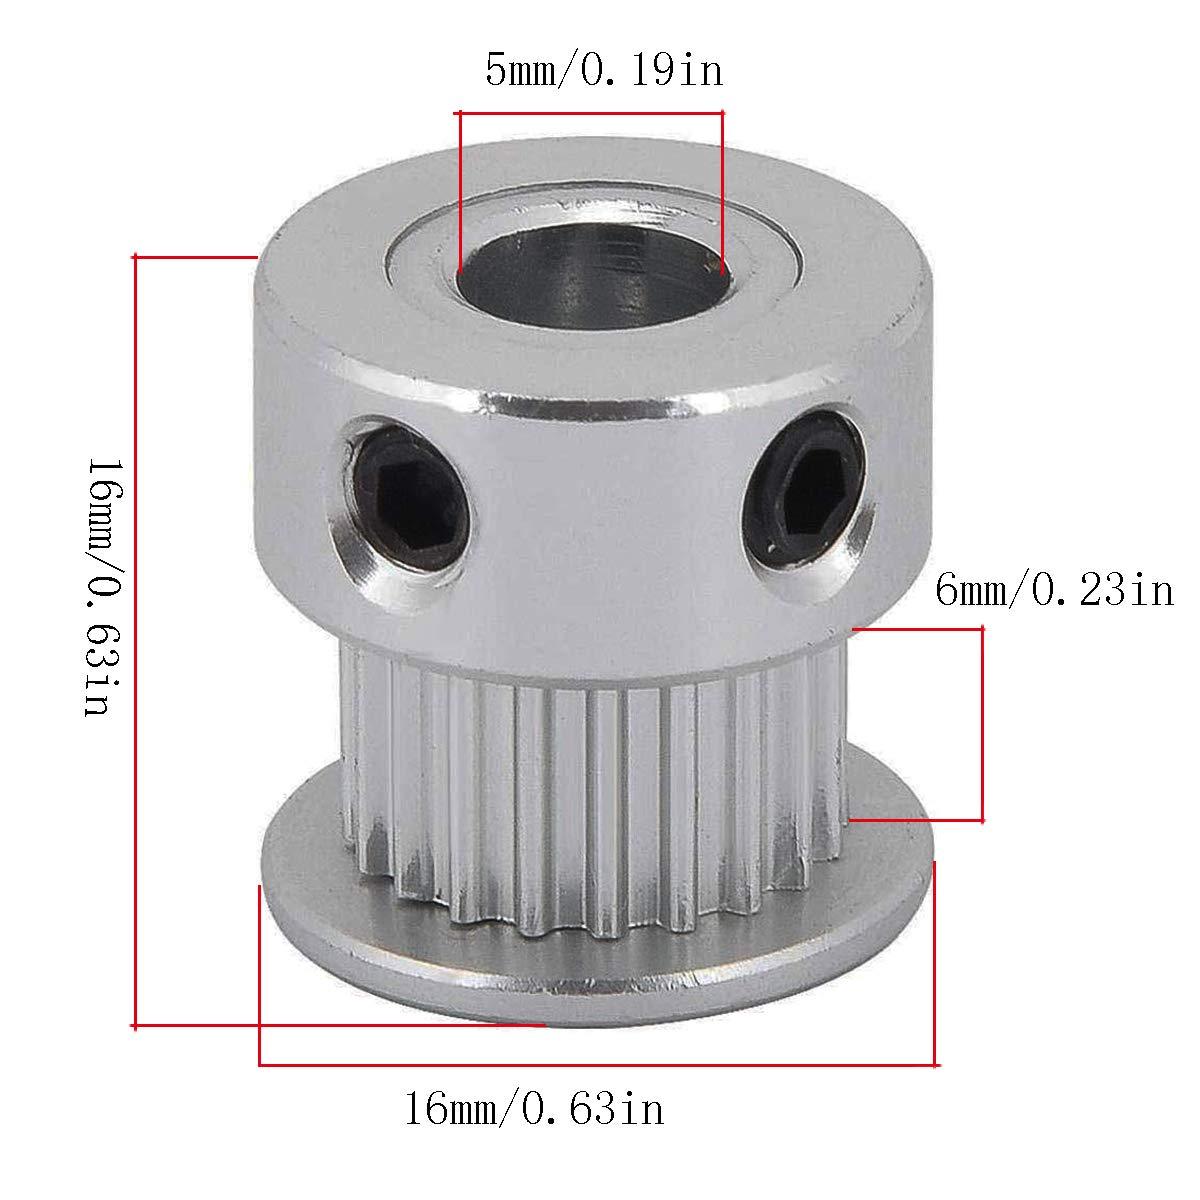 larghezza 6mm Pack-of-2 GT2 Puleggia cinghia dentata ingranaggio sincrono Ruota in alluminio per stampante 3D 40 denti foro 8mm